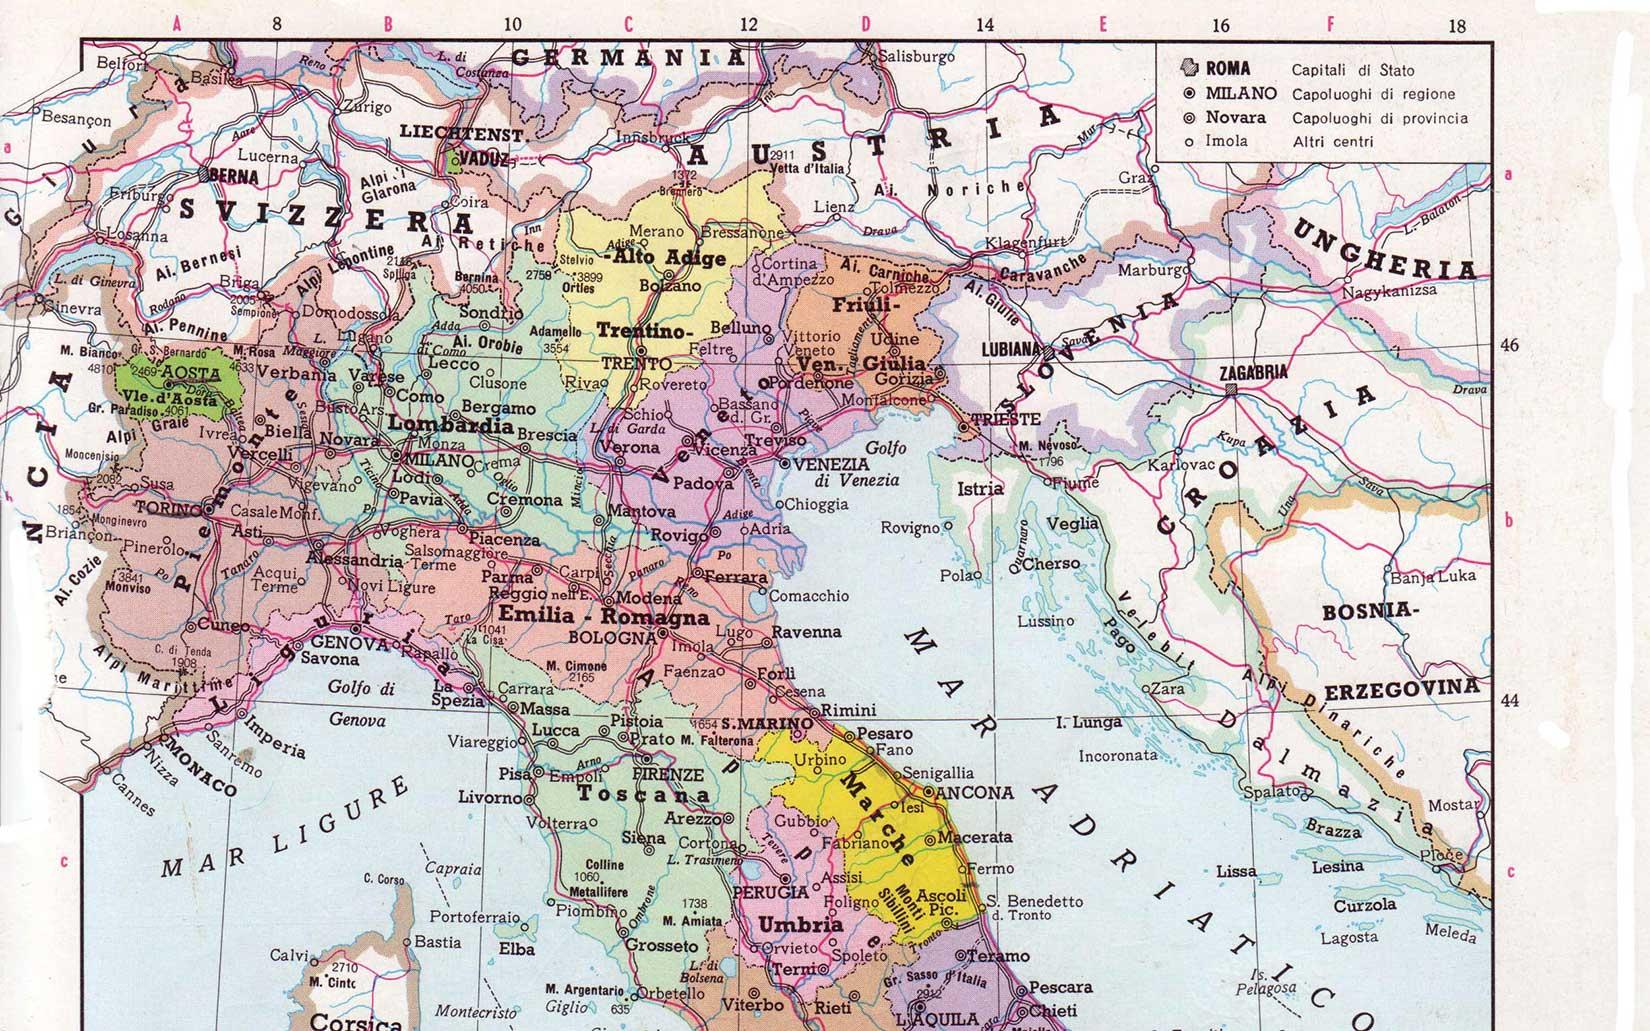 Cartina Lombardia Laghi.Abreviere Turbină Blam Cartina Italia Fiumi E Laghi Amazon Mariacastrojato Com